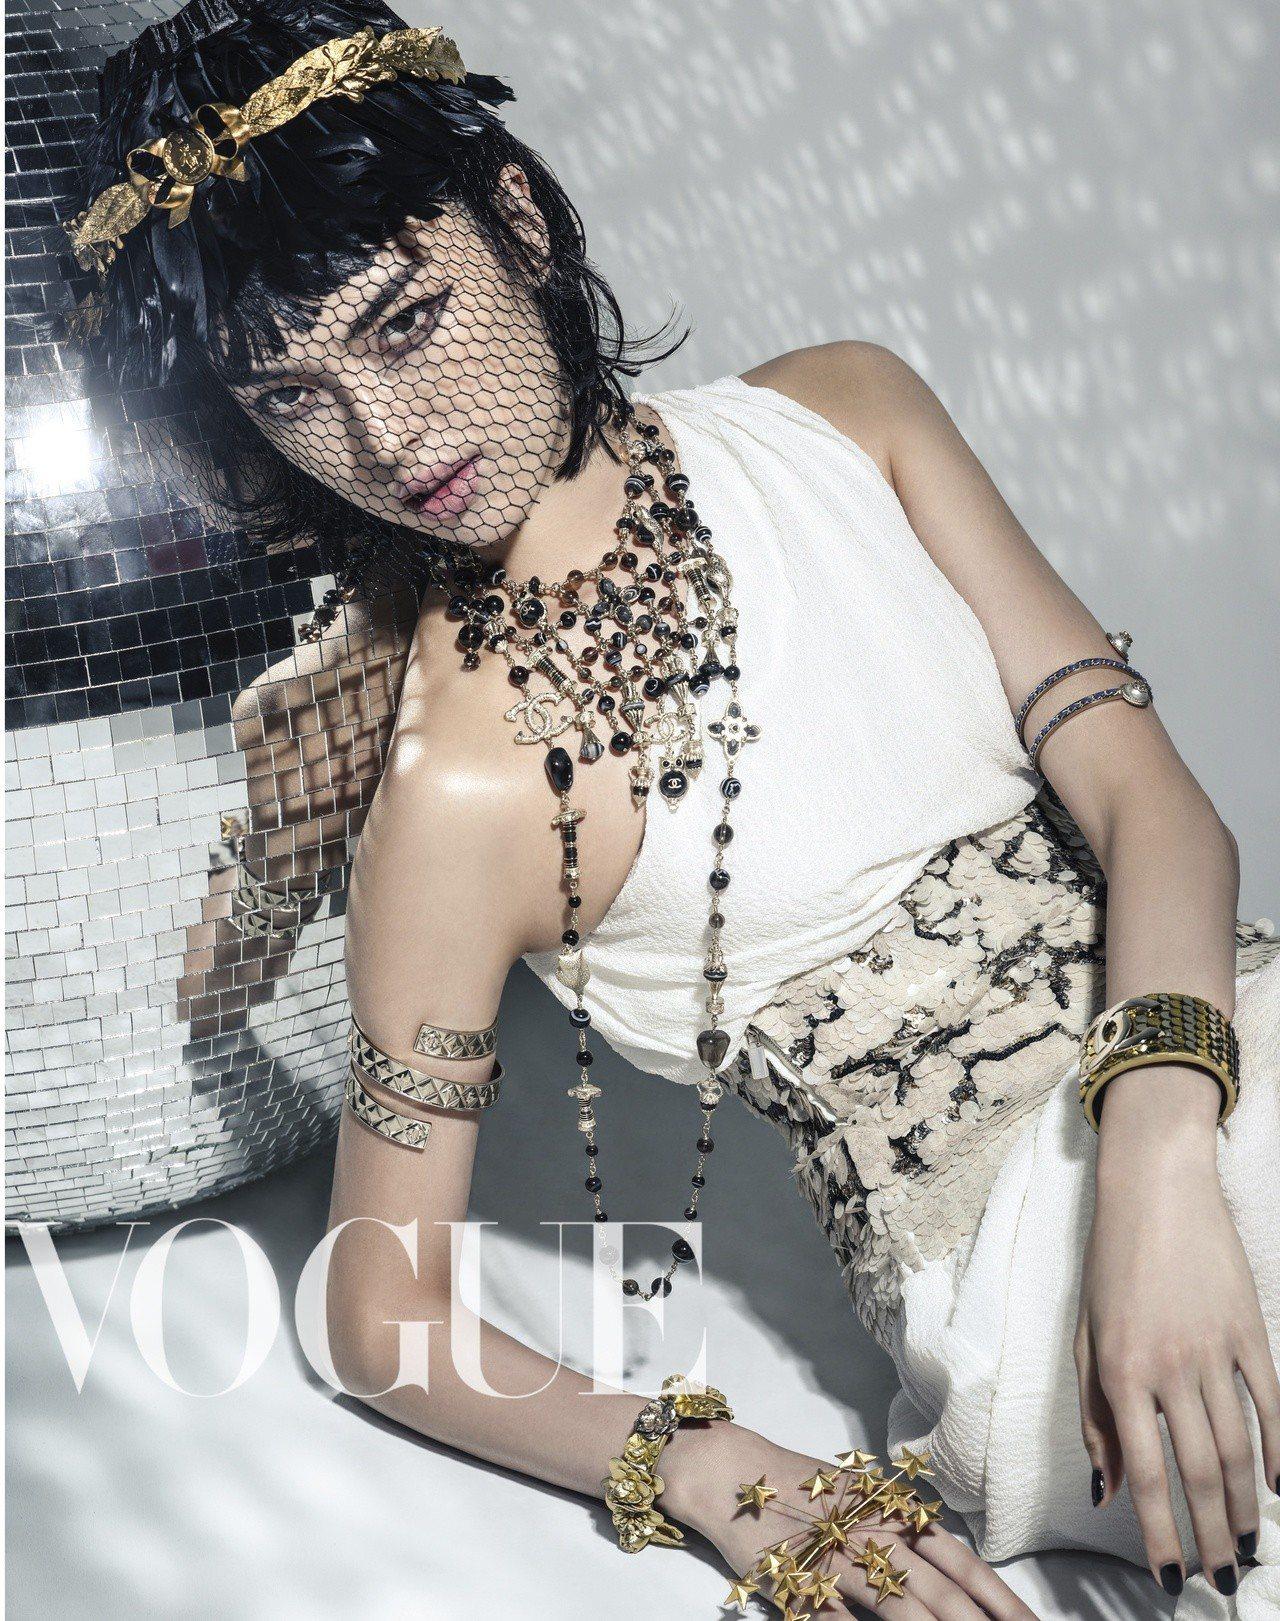 月桂葉頭飾 、星星手飾(Gucci)白色斜肩洋裝、項鏈、各式手環與臂環(Al...